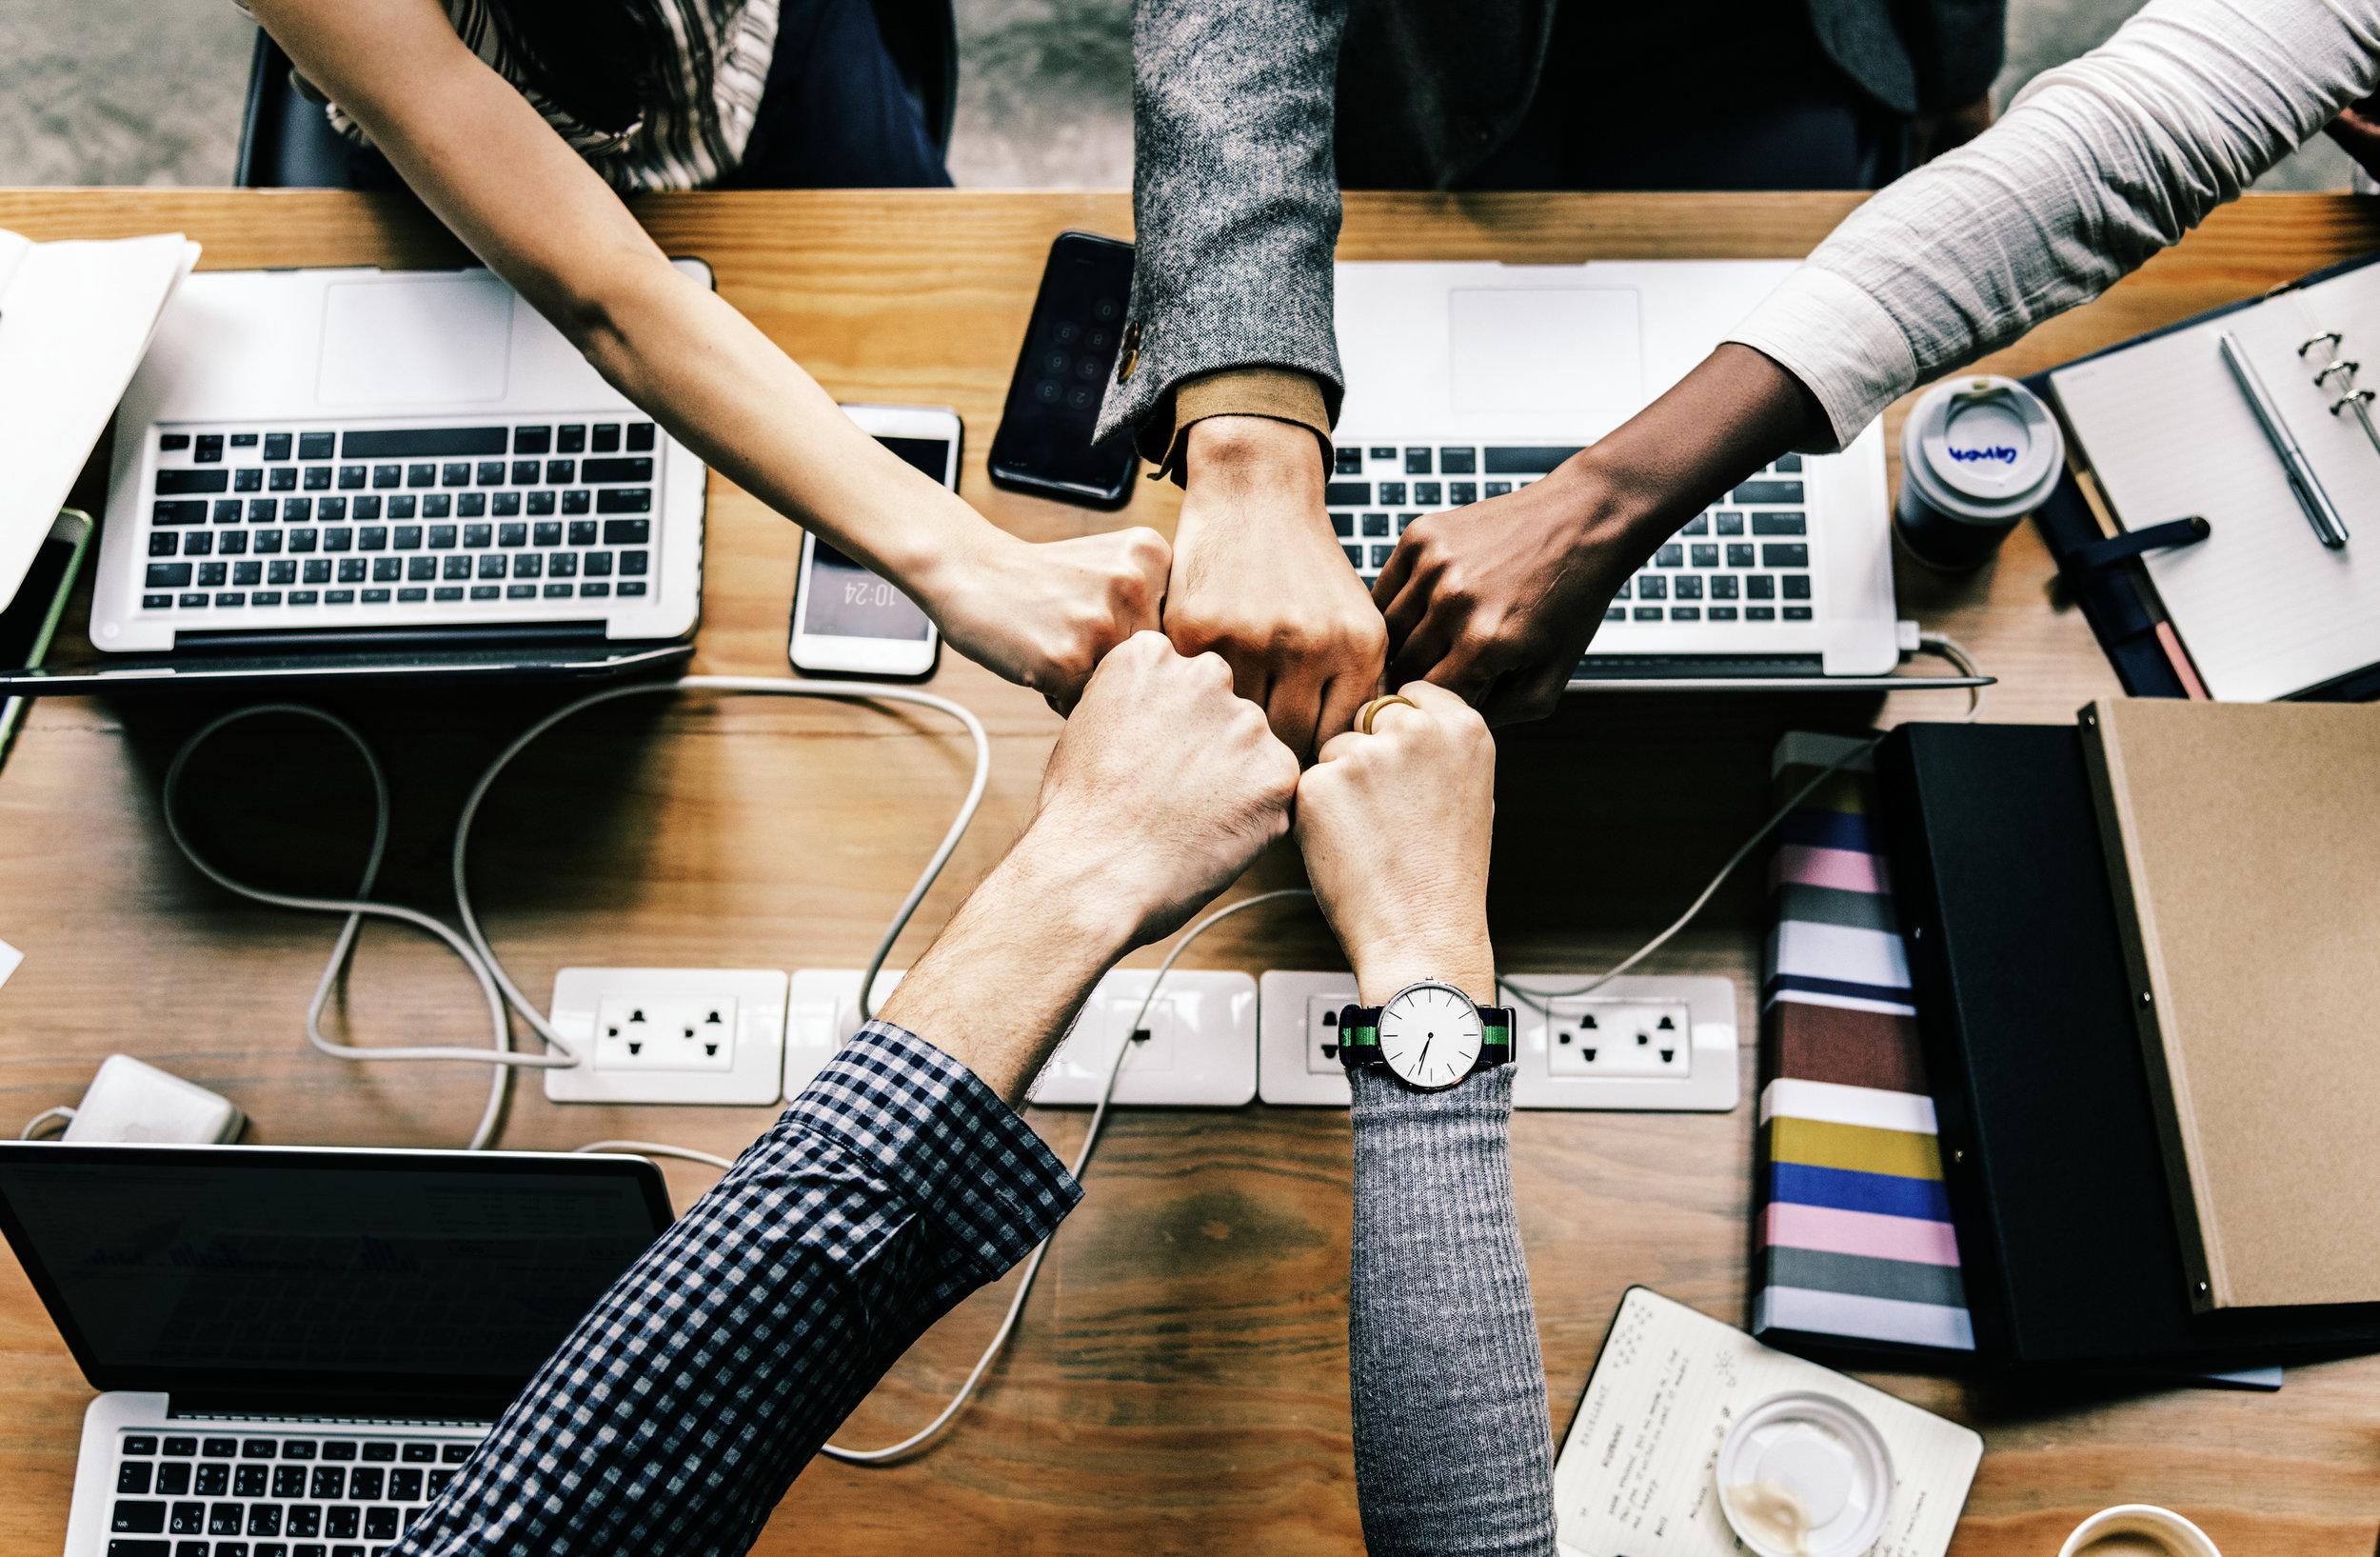 Onze werkwijze is gebaseerd op een logisch stappenplan van advies t/m uitvoer met een team van experts op verschillende disciplines -